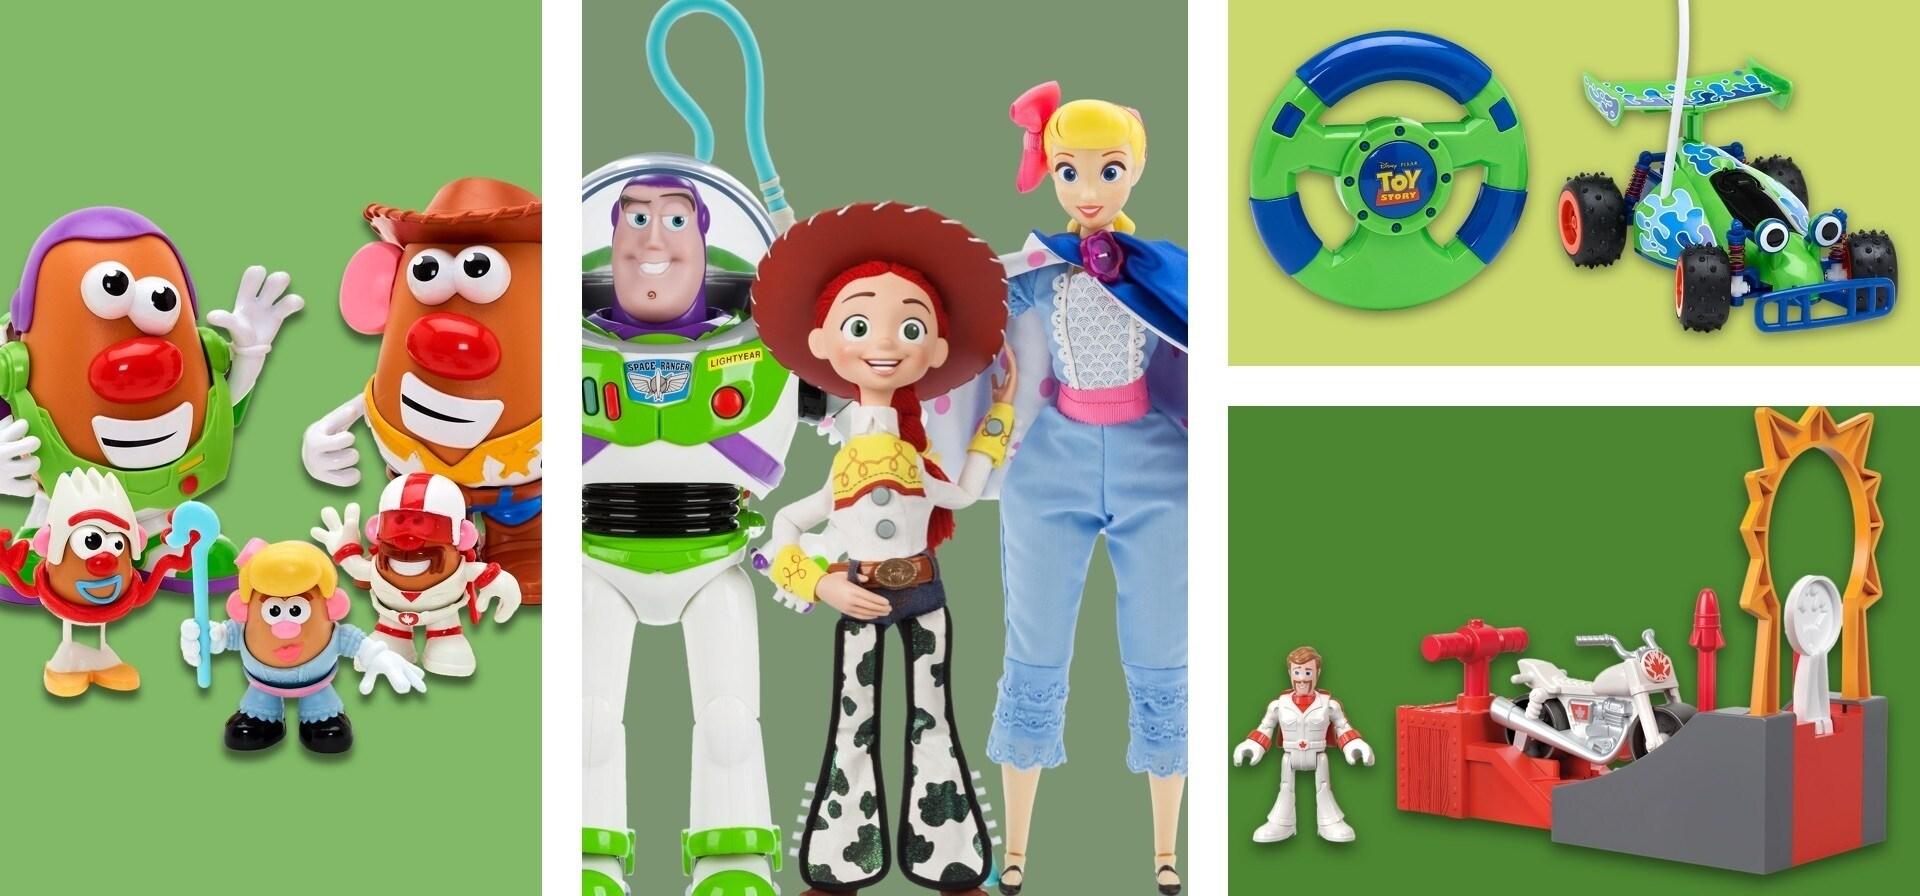 Uma seleção de brinquedos inspirados em Toy Story